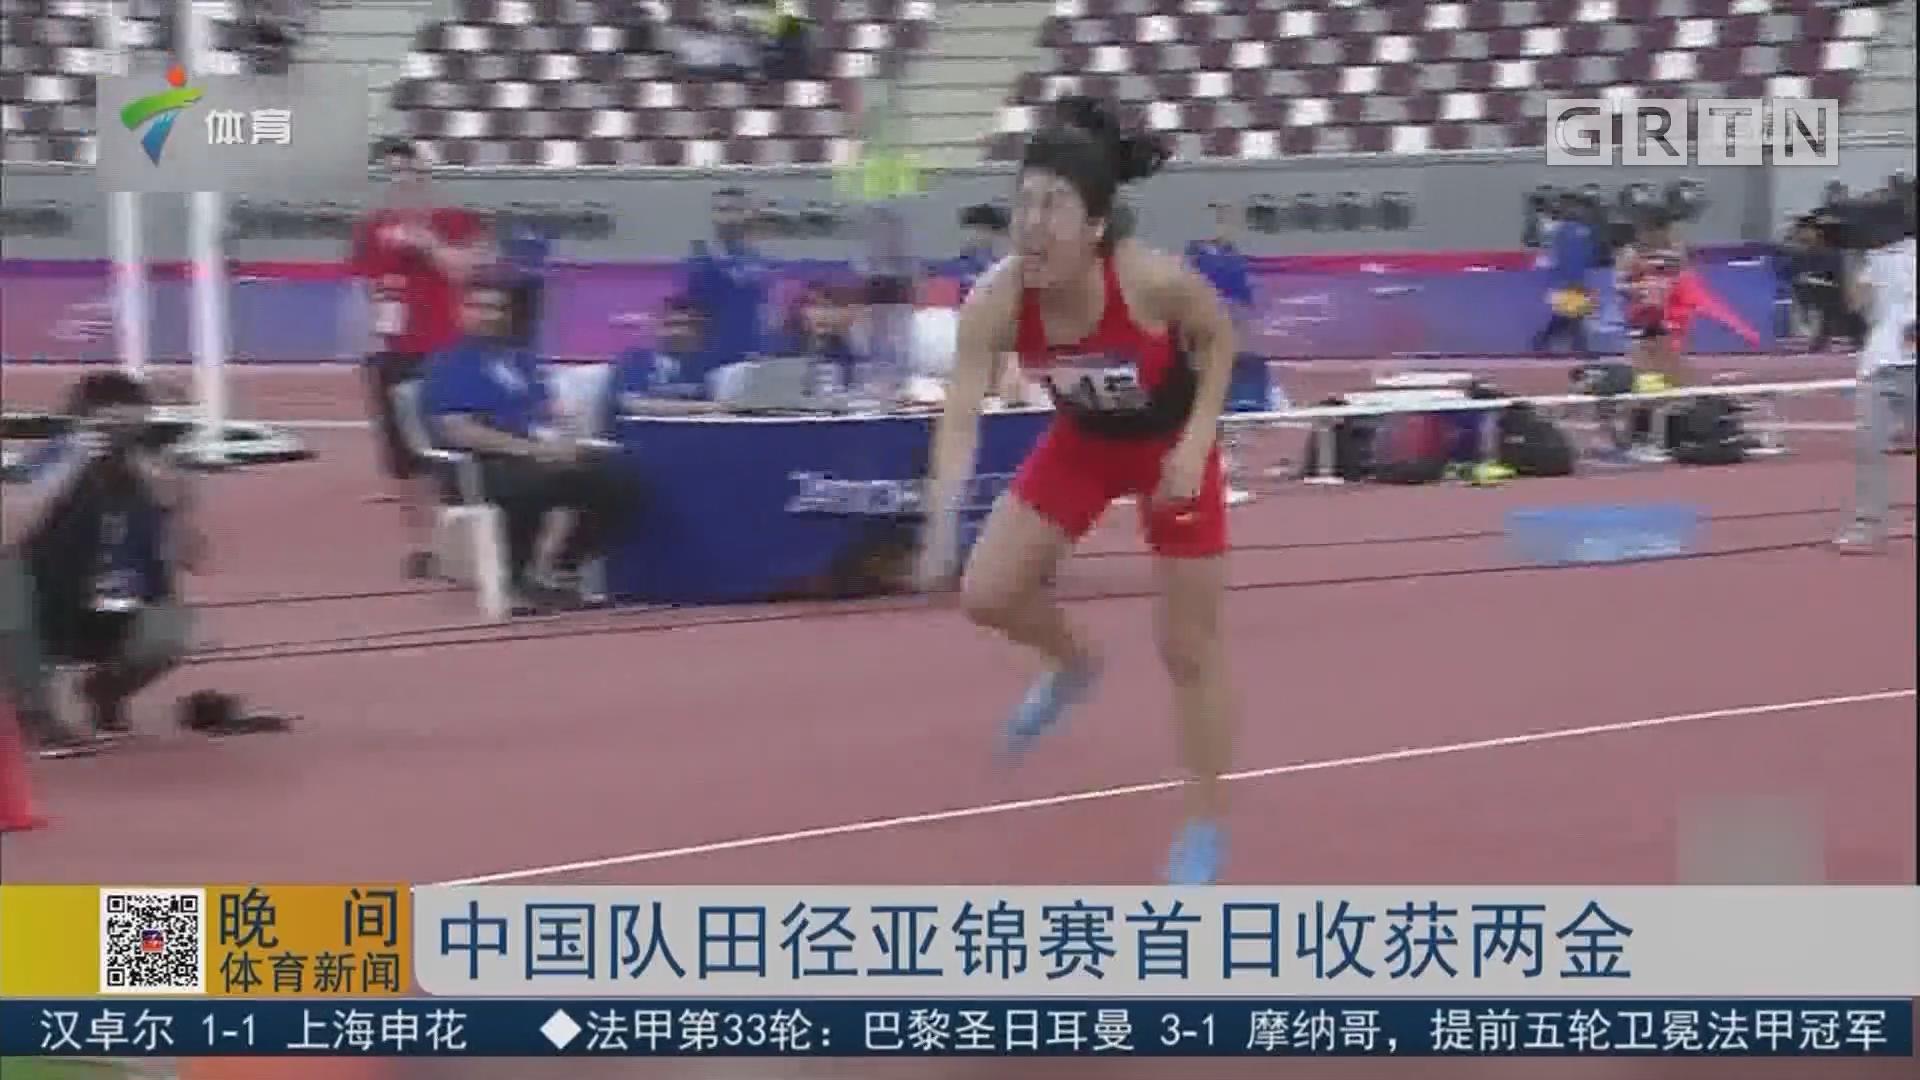 中國隊田徑亞錦賽首日收獲兩金